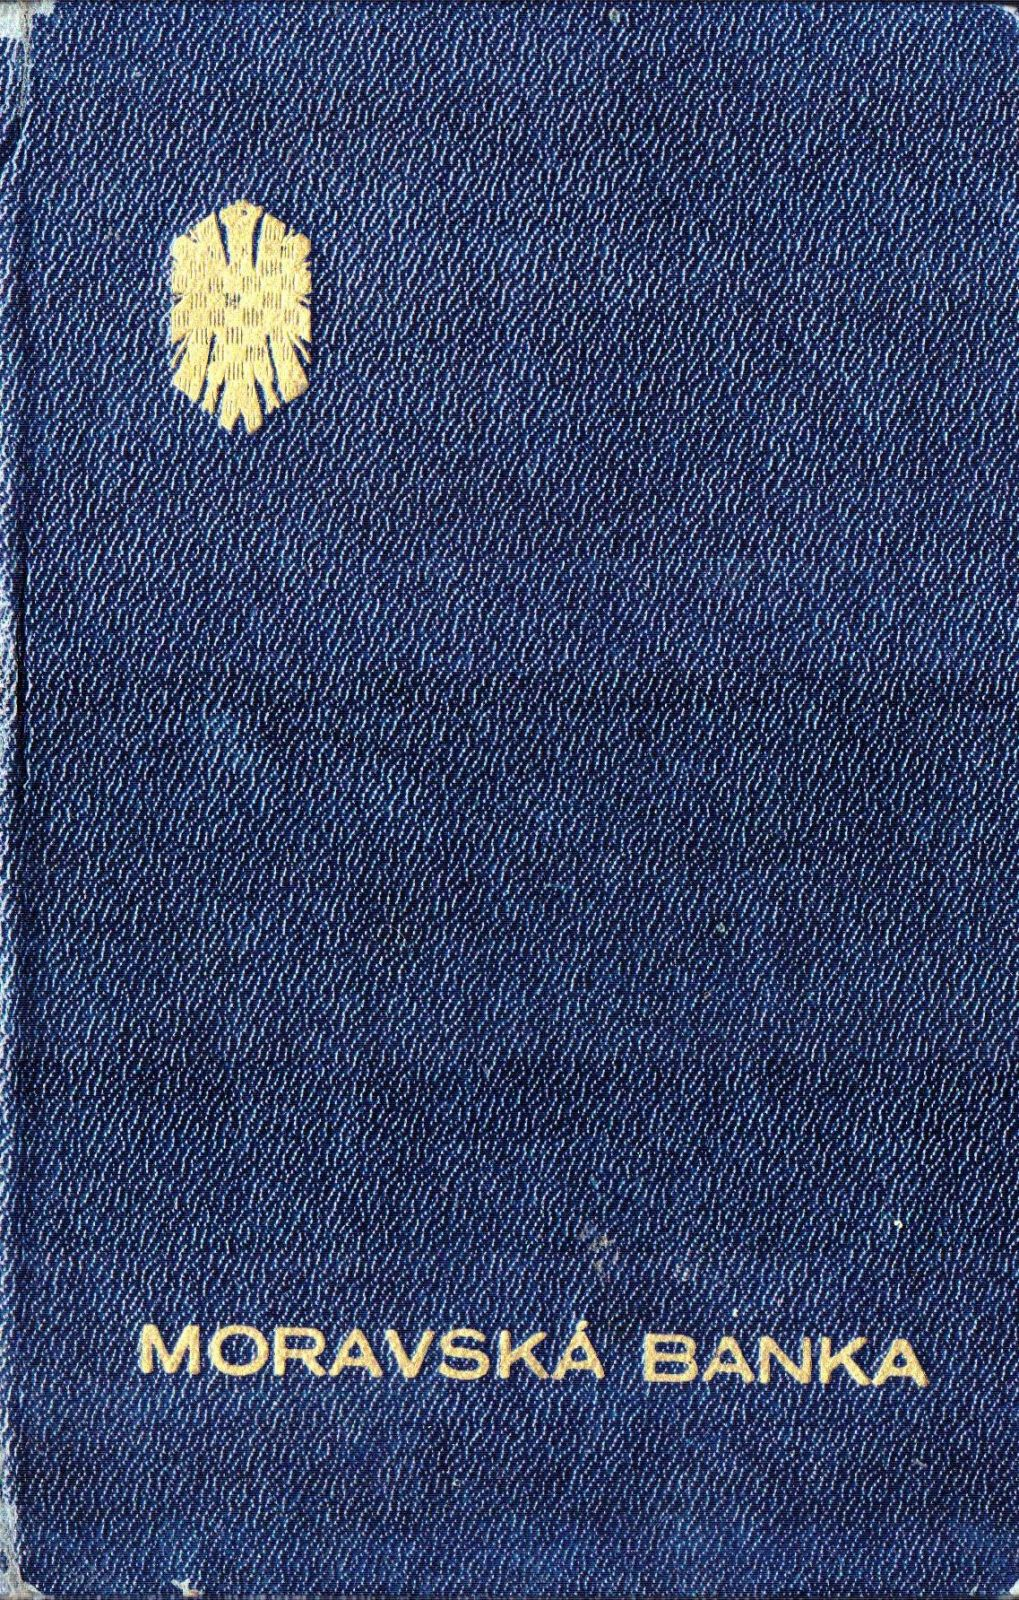 Vkladní knížka, Moravská banka pobočka Šumperk (1947)